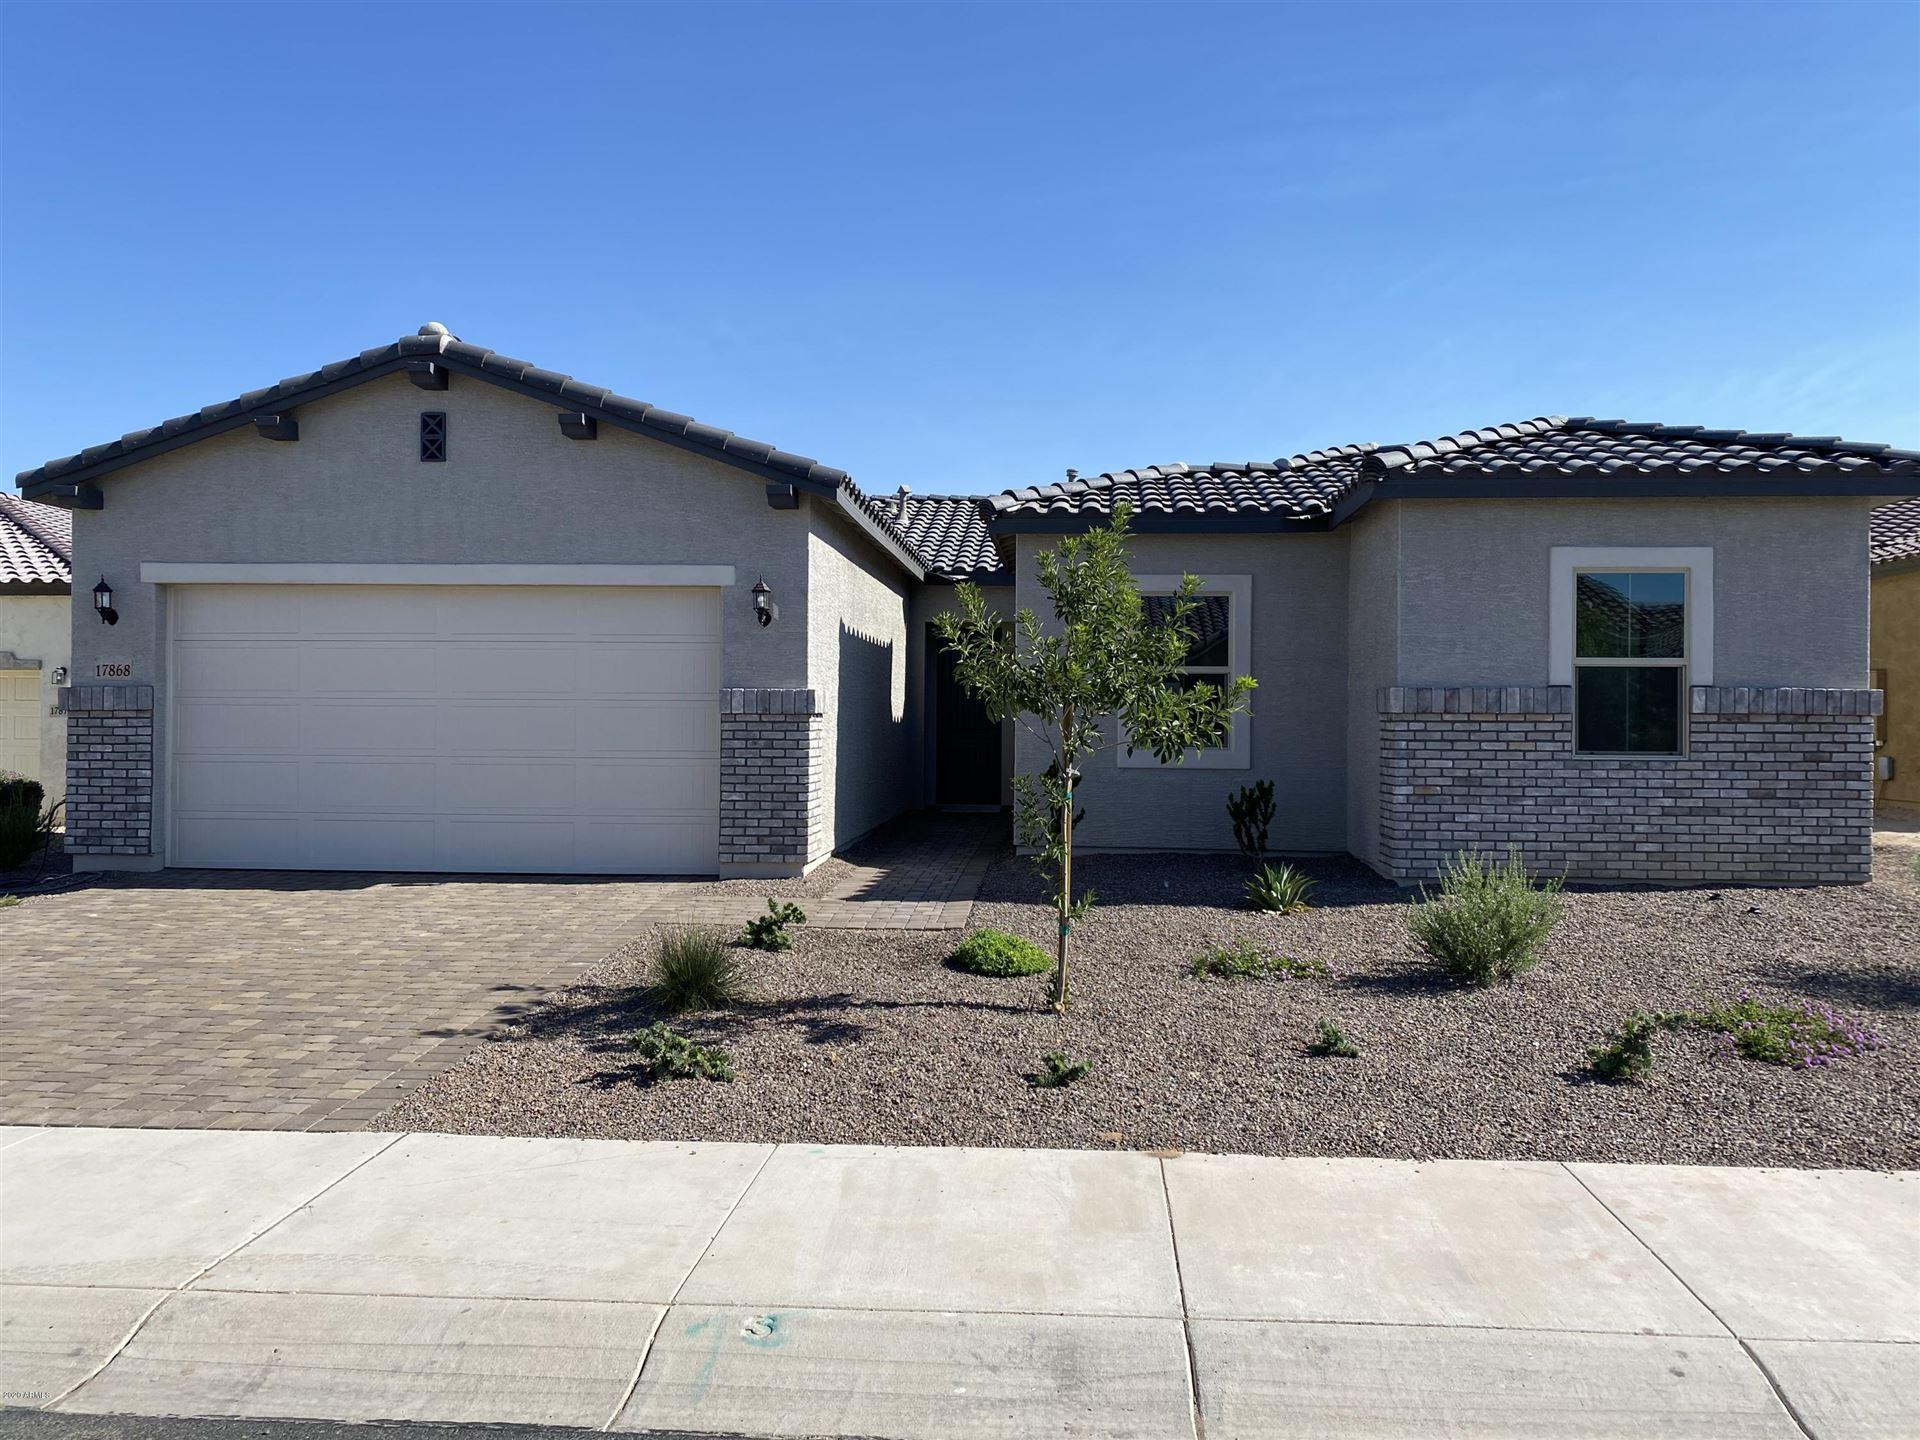 17868 W Briarwood Drive, Goodyear, AZ 85338 - MLS#: 6033236